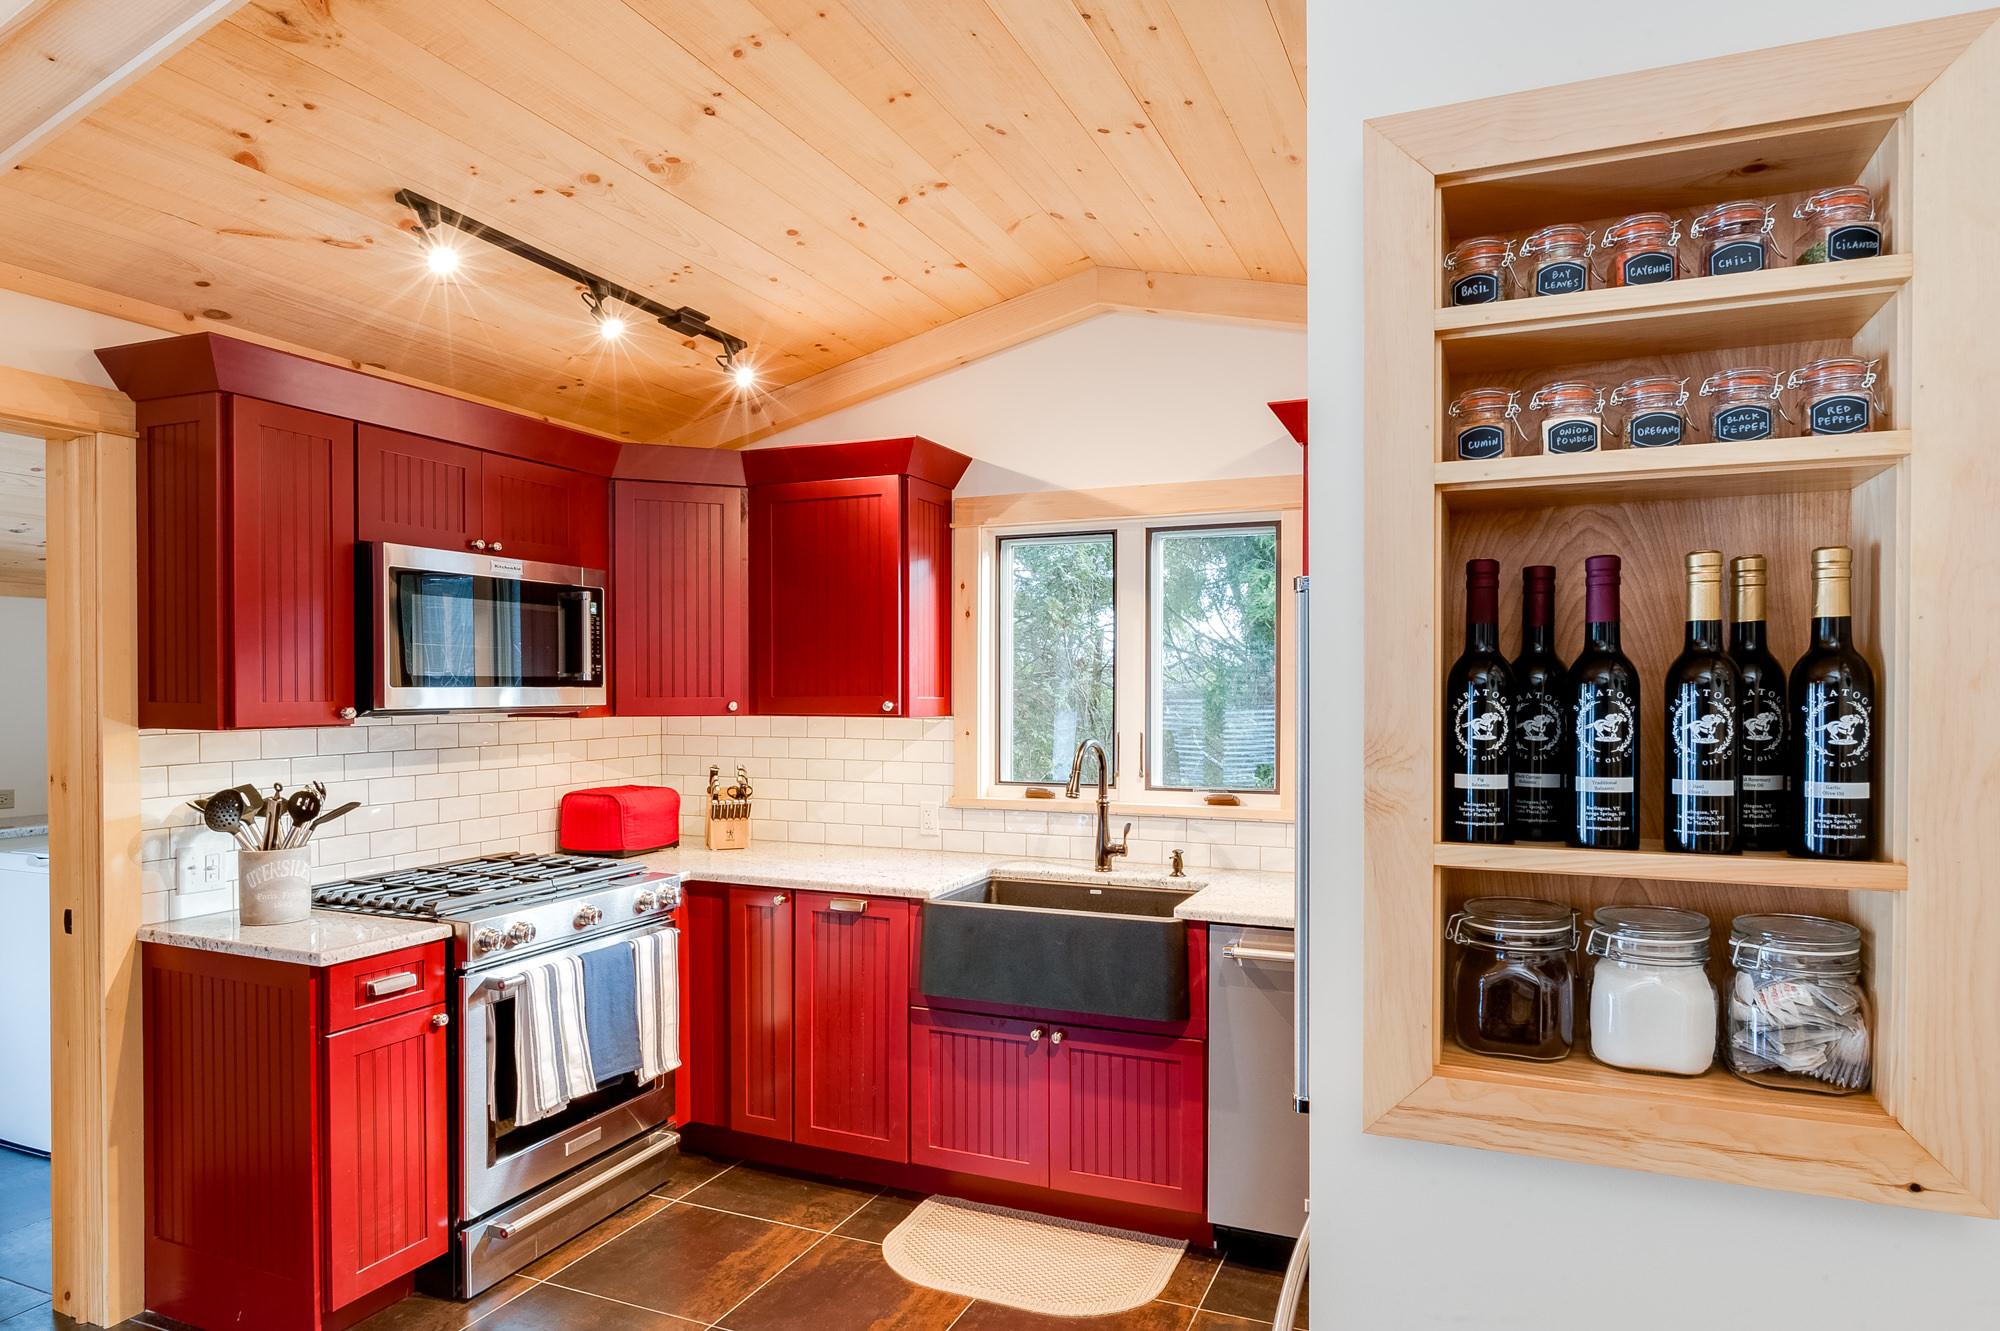 Maplewood-Brooks-Reynolds-Real-Estate-6.JPG